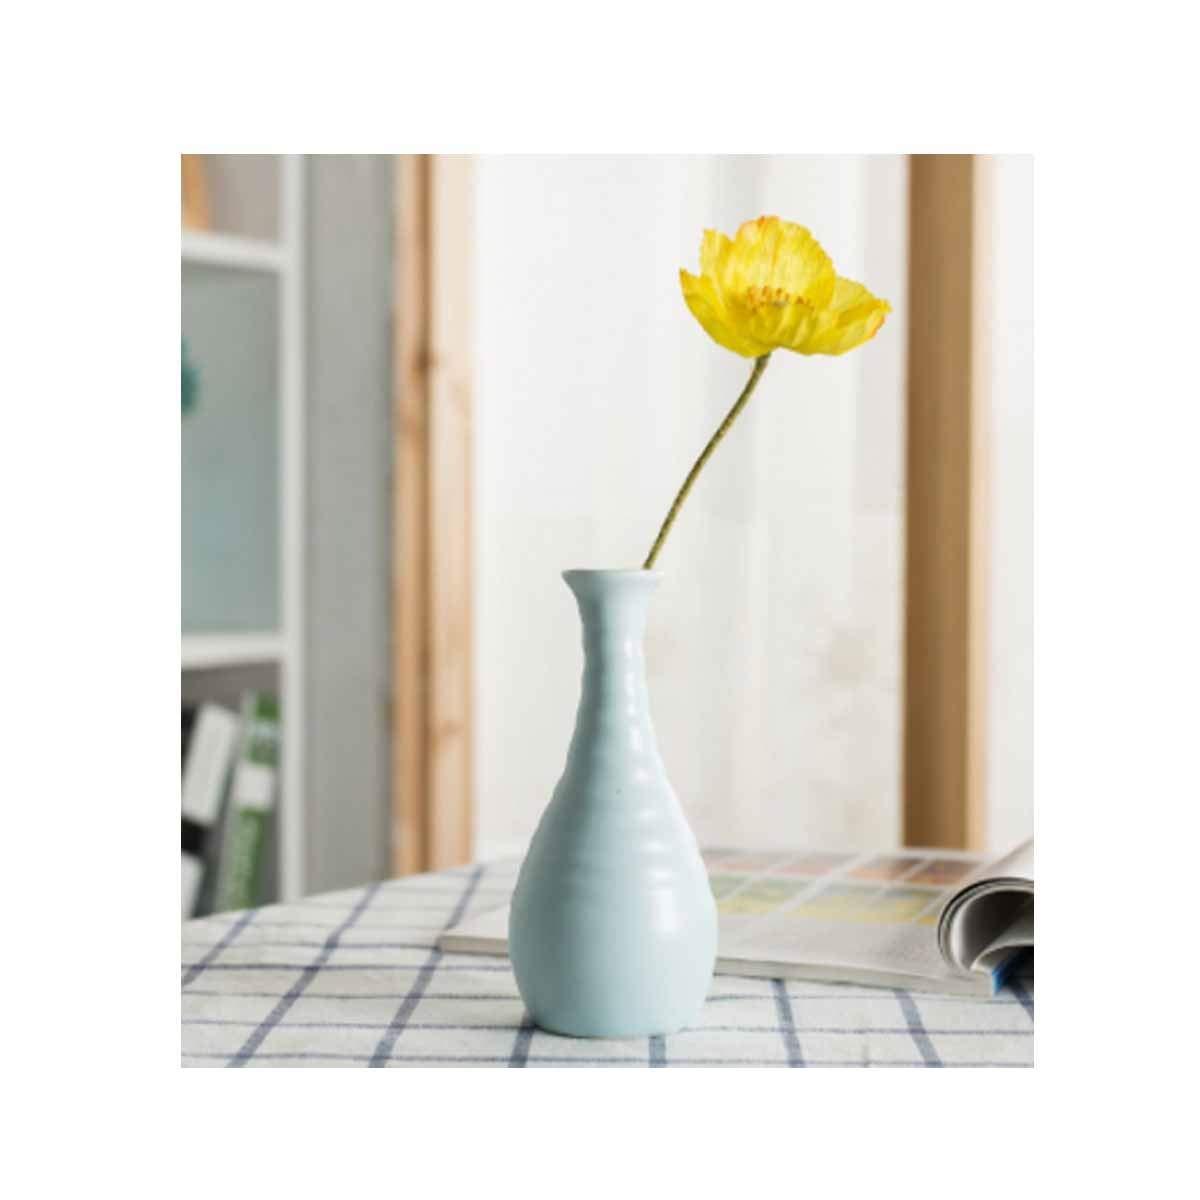 花瓶、クリエイティブエレガントなセラミック花瓶、小さな新鮮なデスクトップのリビングルームのオフィスの装飾、パターンブルー (Color : Blue 14) B07RSXYP4B Blue 14